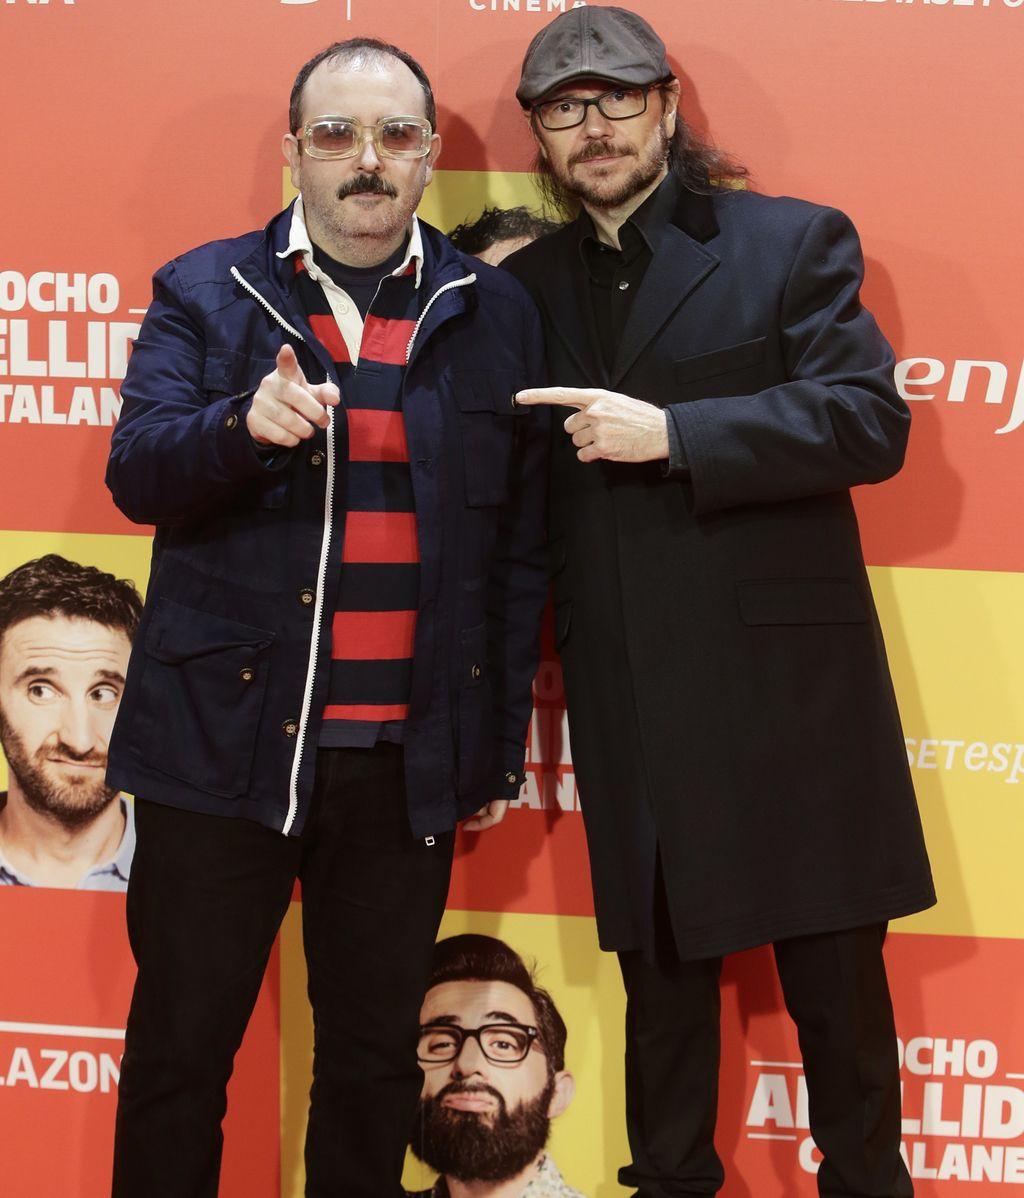 Santiago Segura y Carlos Areces